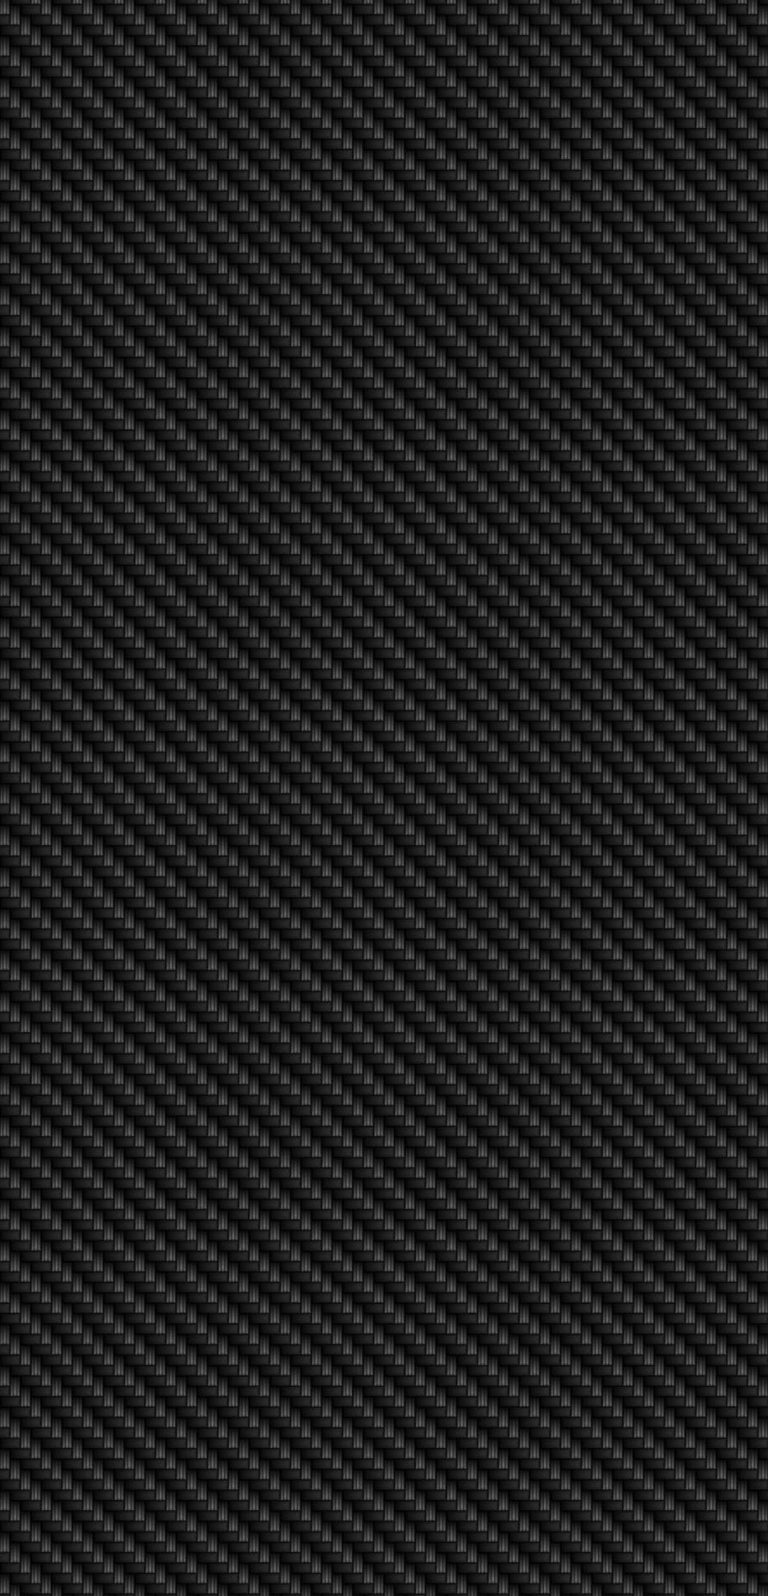 1080x2244 Wallpaper 090 768x1596